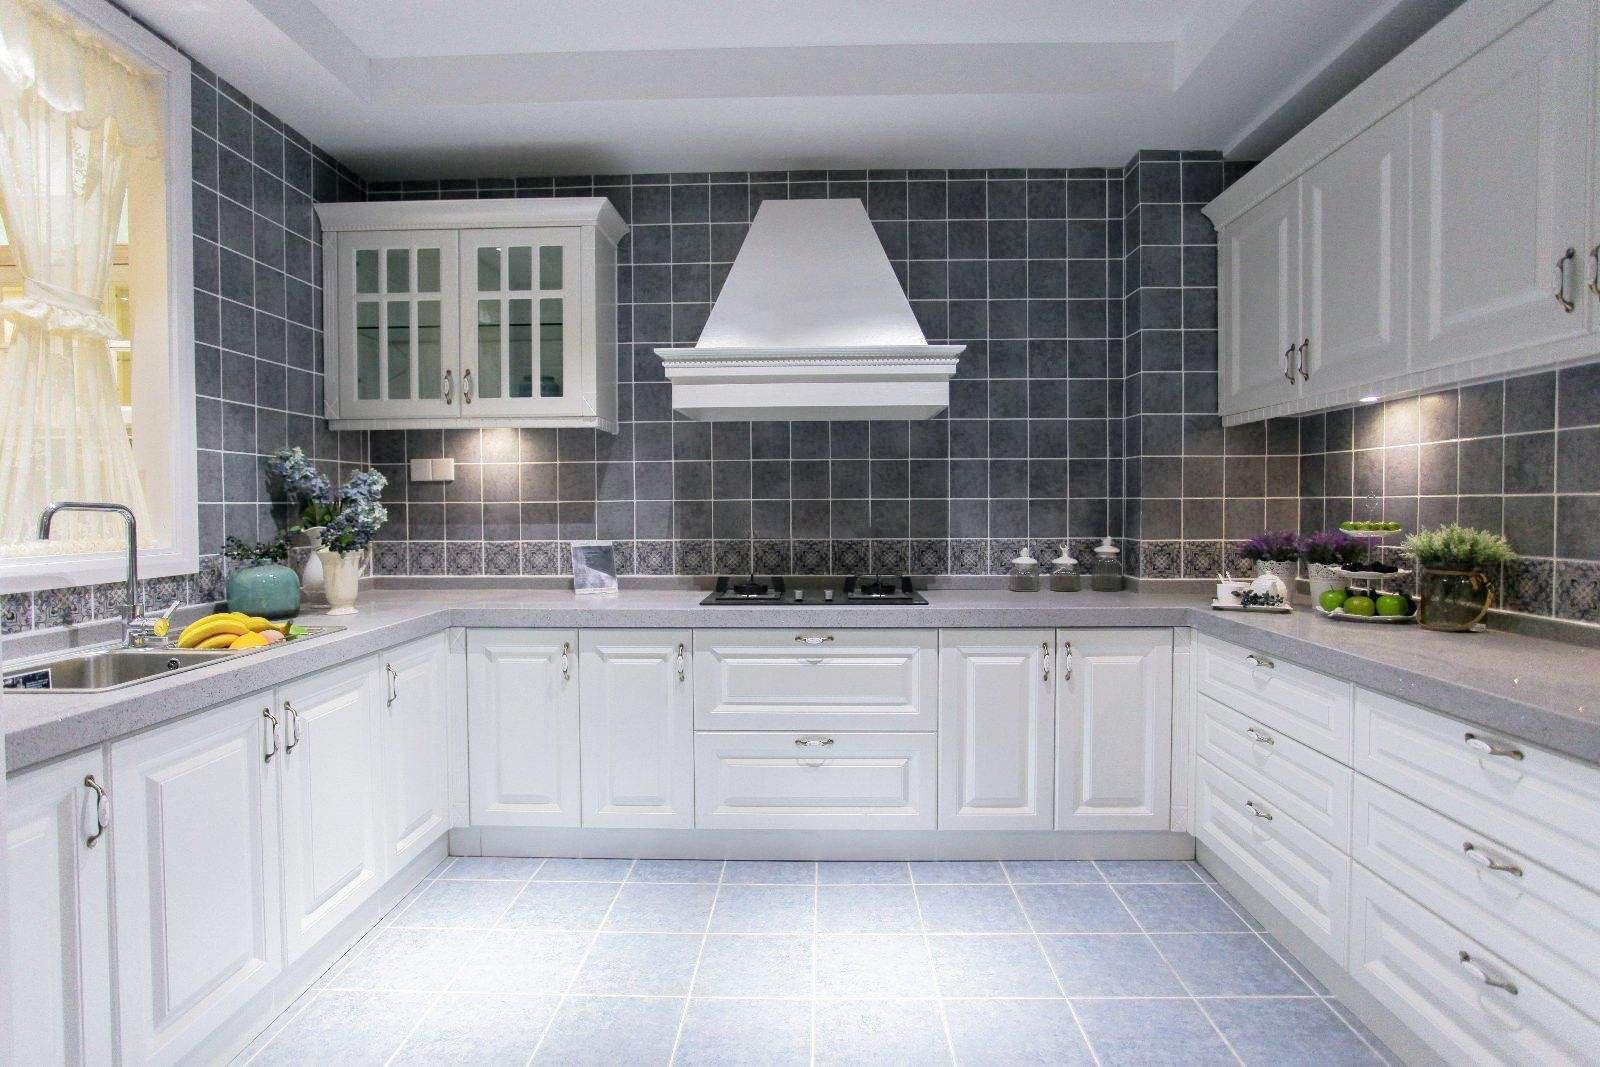 长沙装饰丨厨房装修的注意事项有哪些?